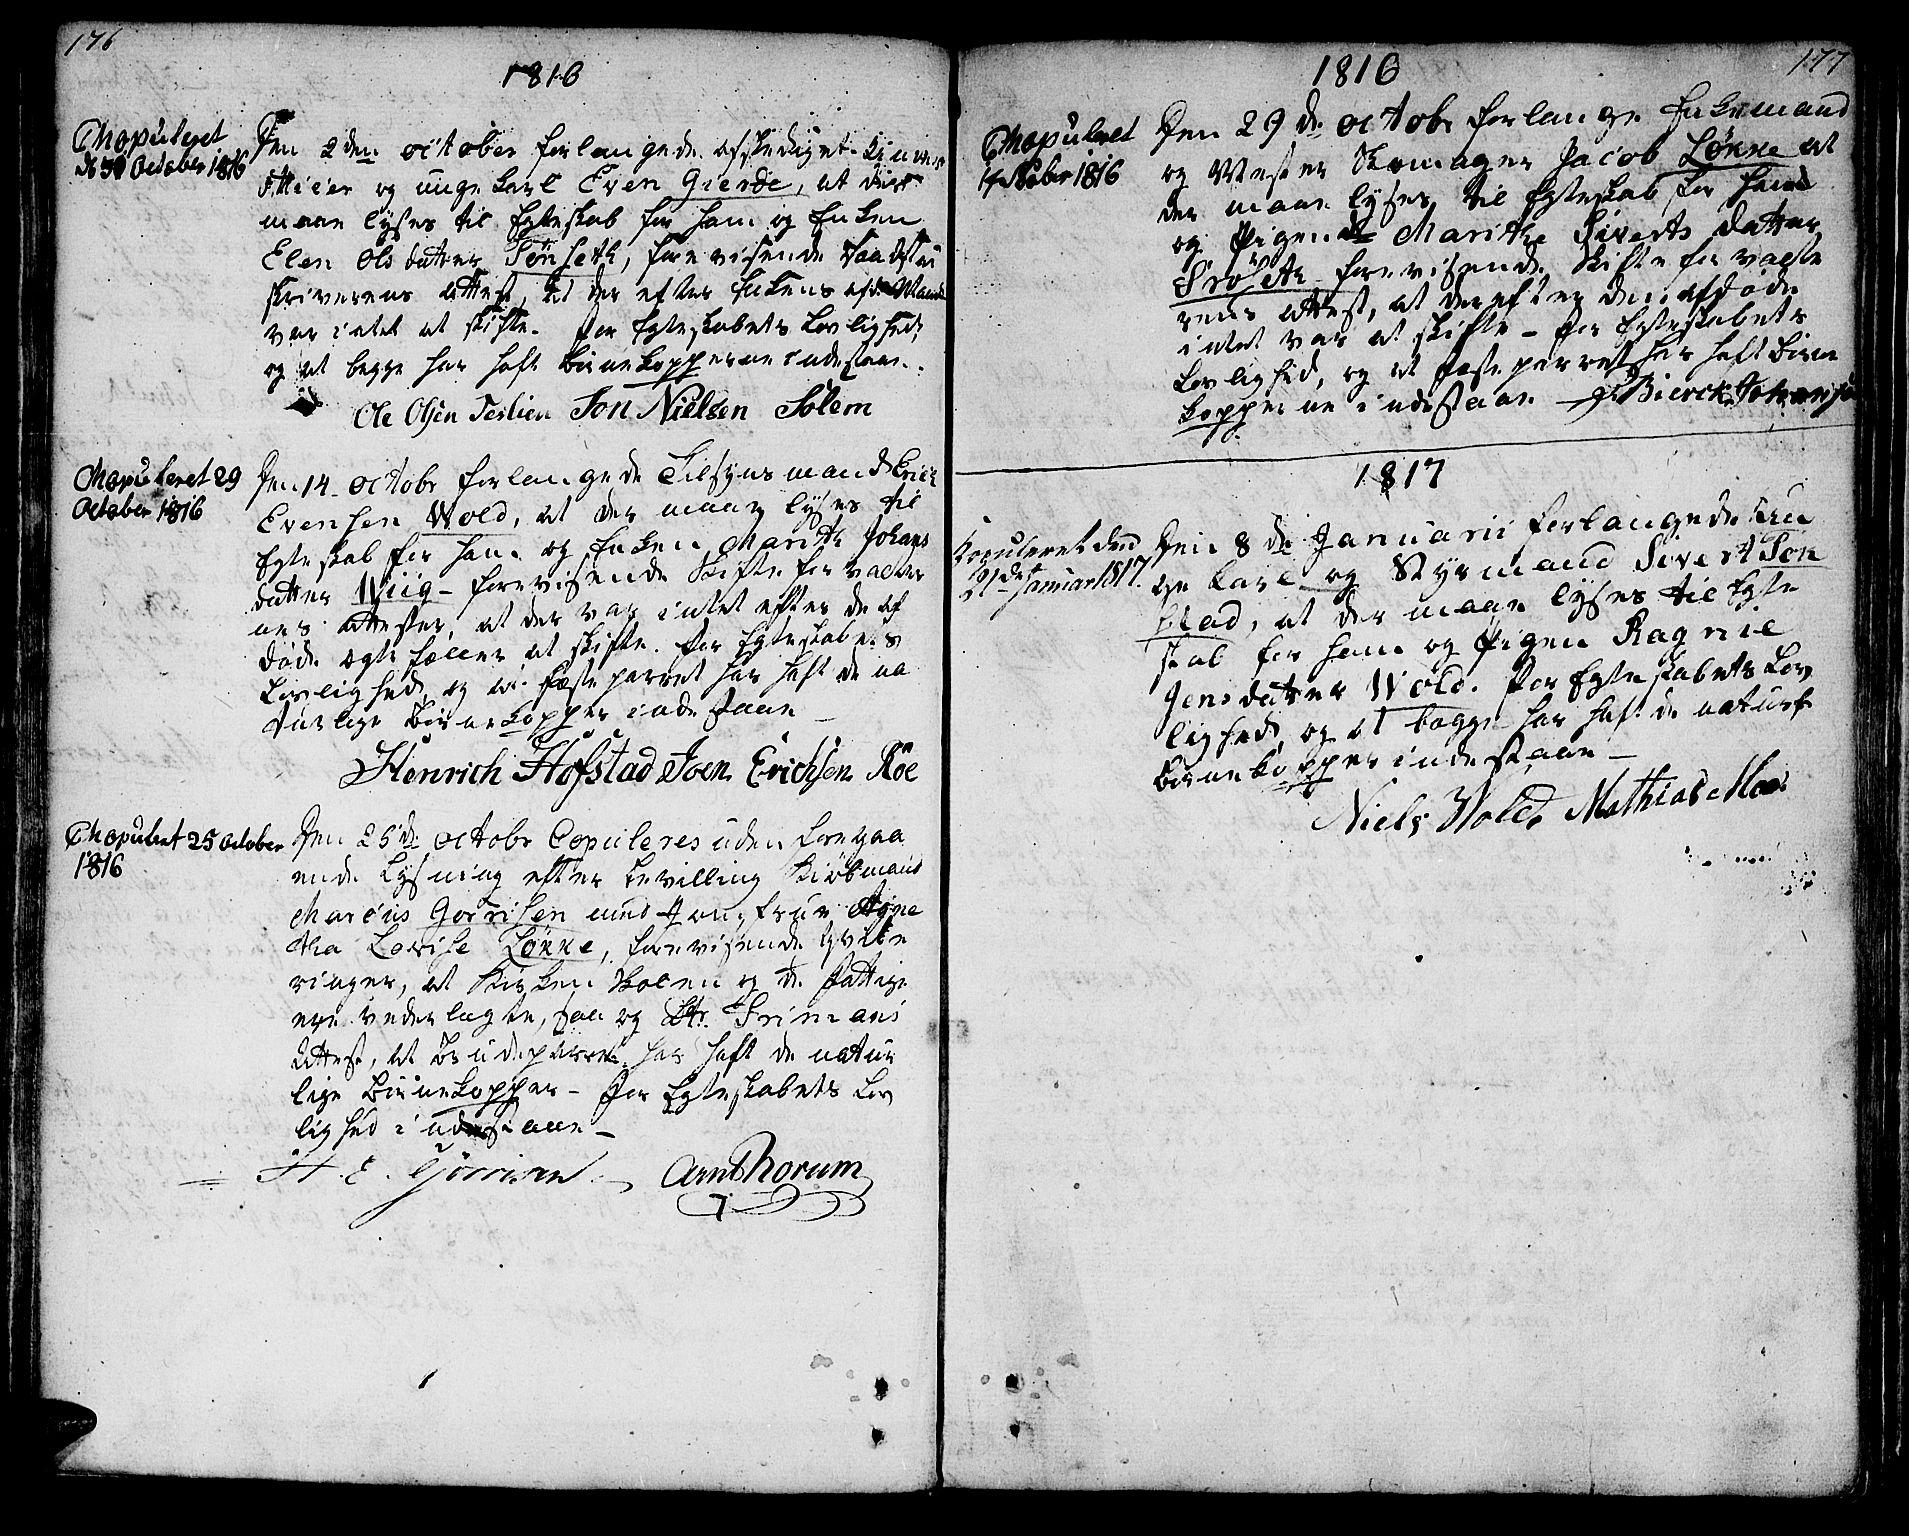 SAT, Ministerialprotokoller, klokkerbøker og fødselsregistre - Sør-Trøndelag, 601/L0042: Ministerialbok nr. 601A10, 1802-1830, s. 176-177